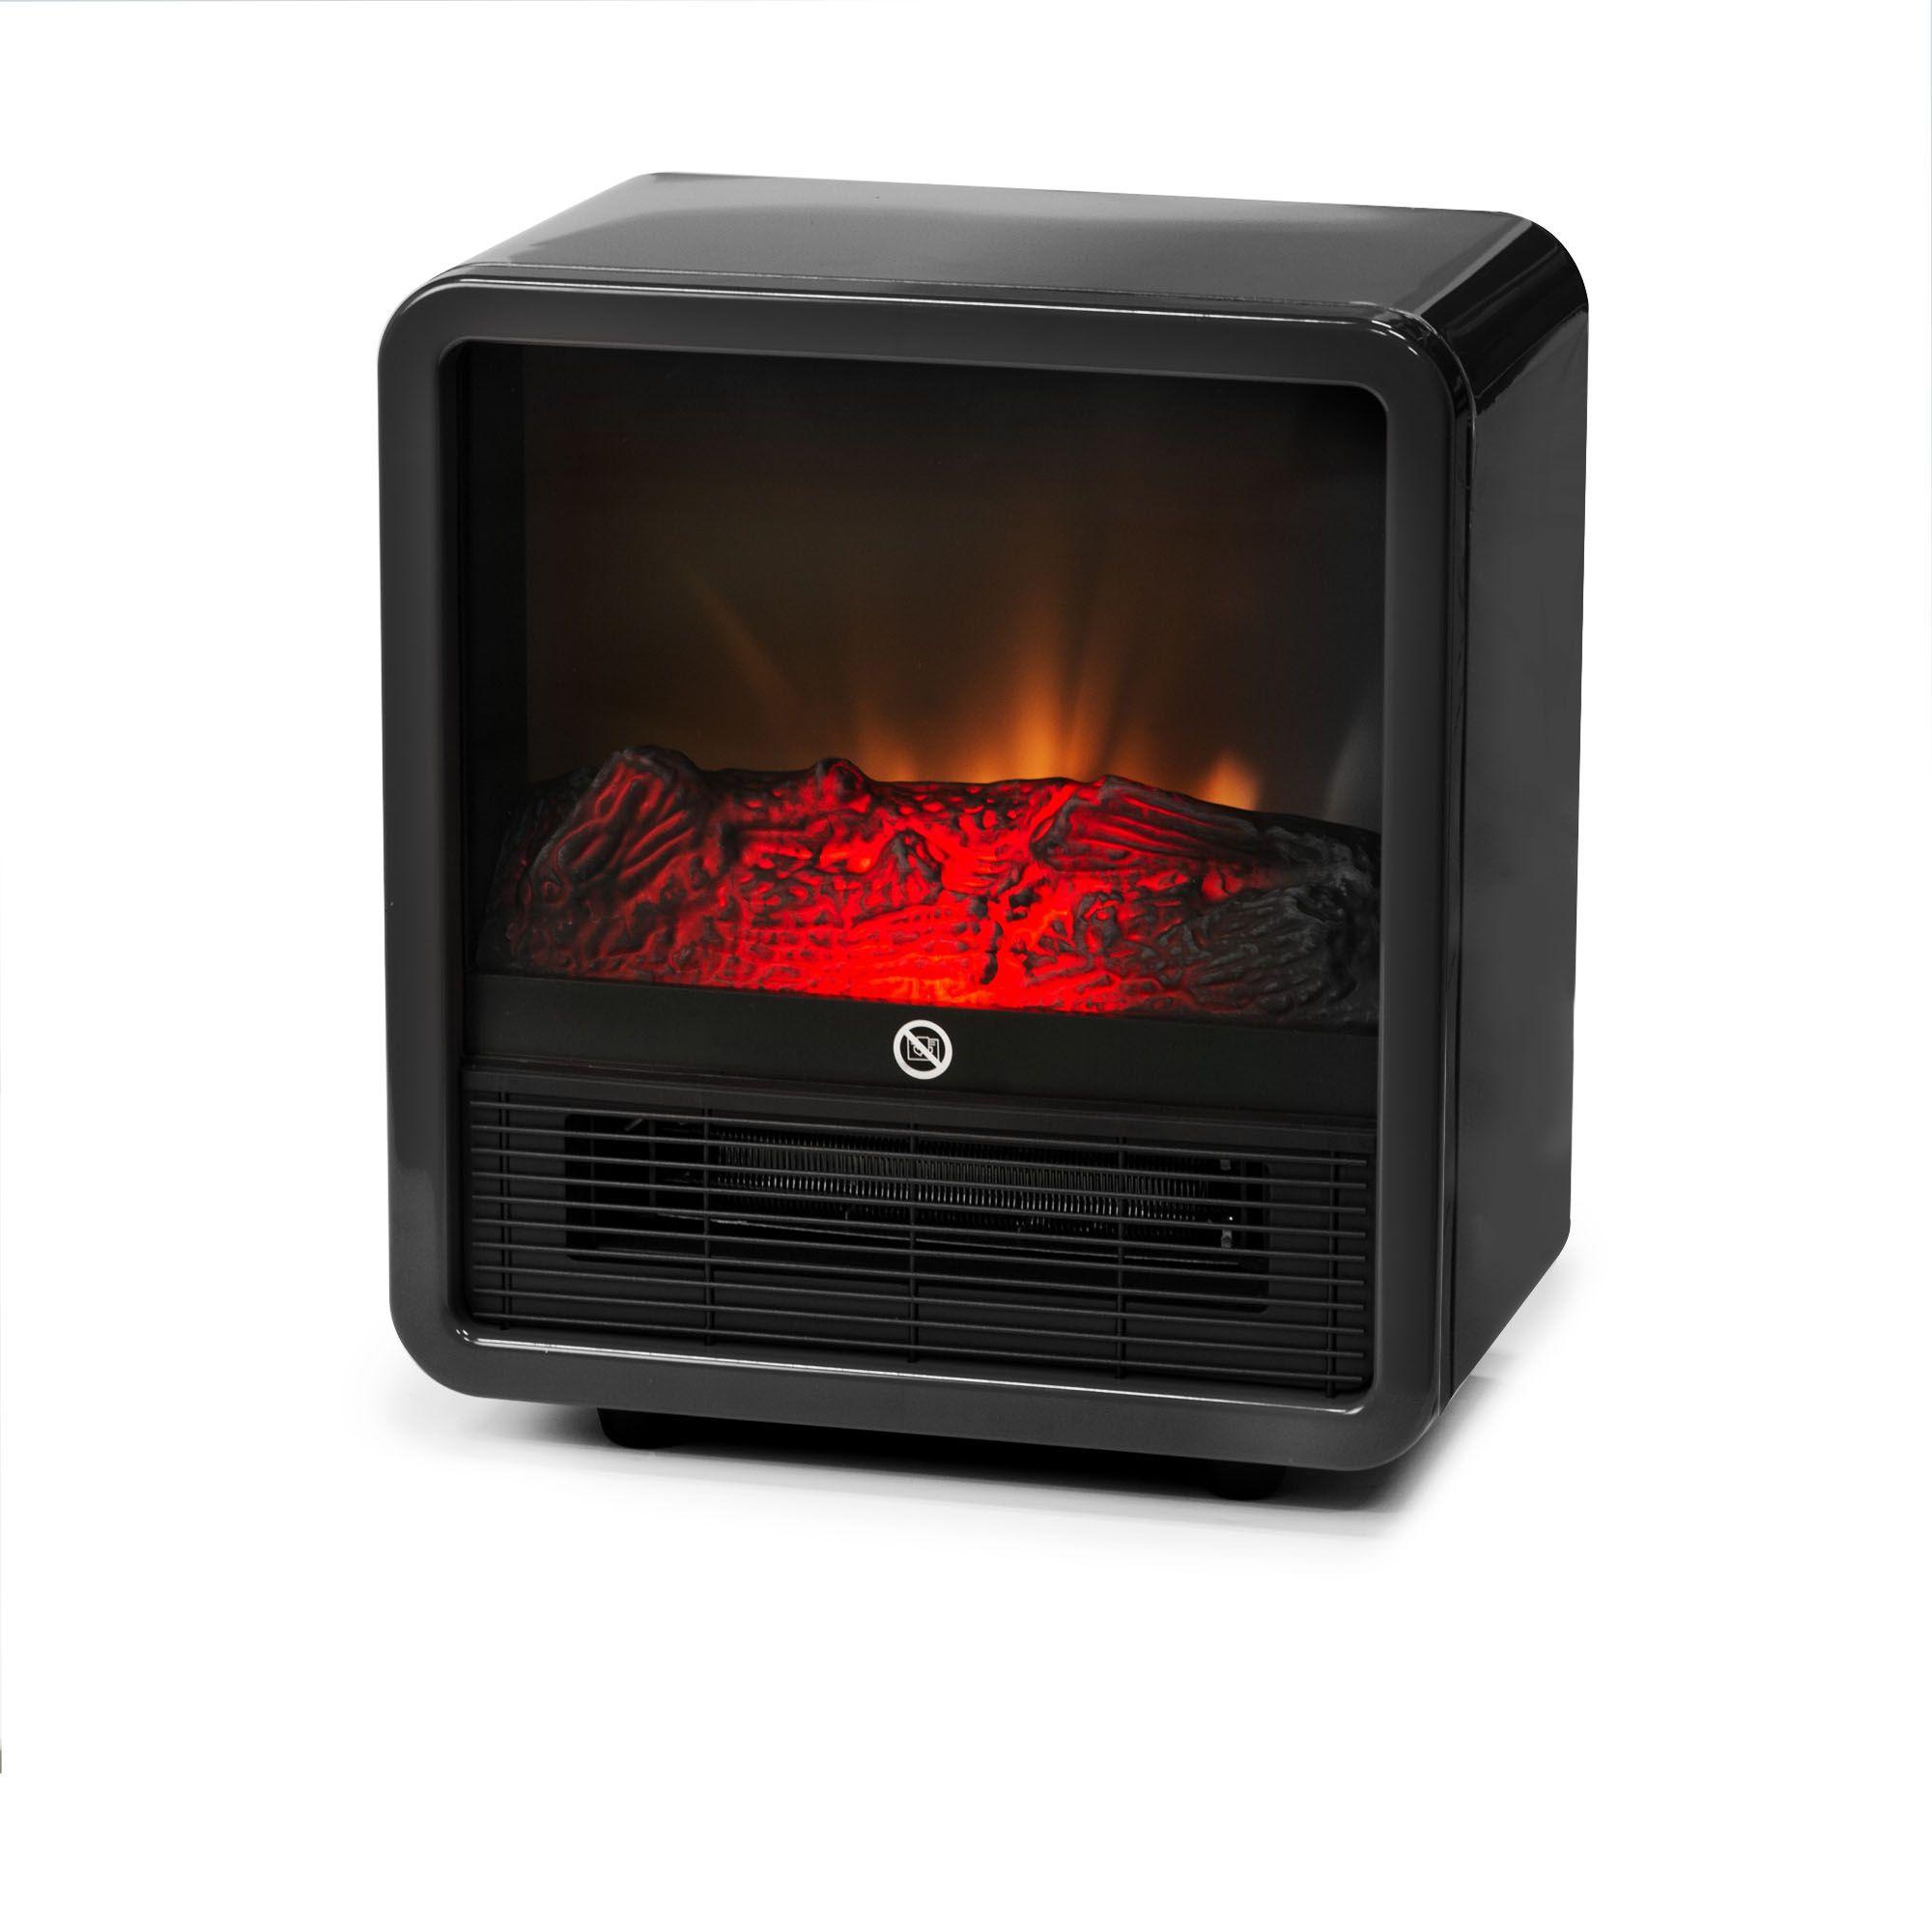 Stufa elettrica a infrarossi max 1800w 33x21x37cm powerheat comparatore prezzi - Stufa elettrica ad infrarossi ...